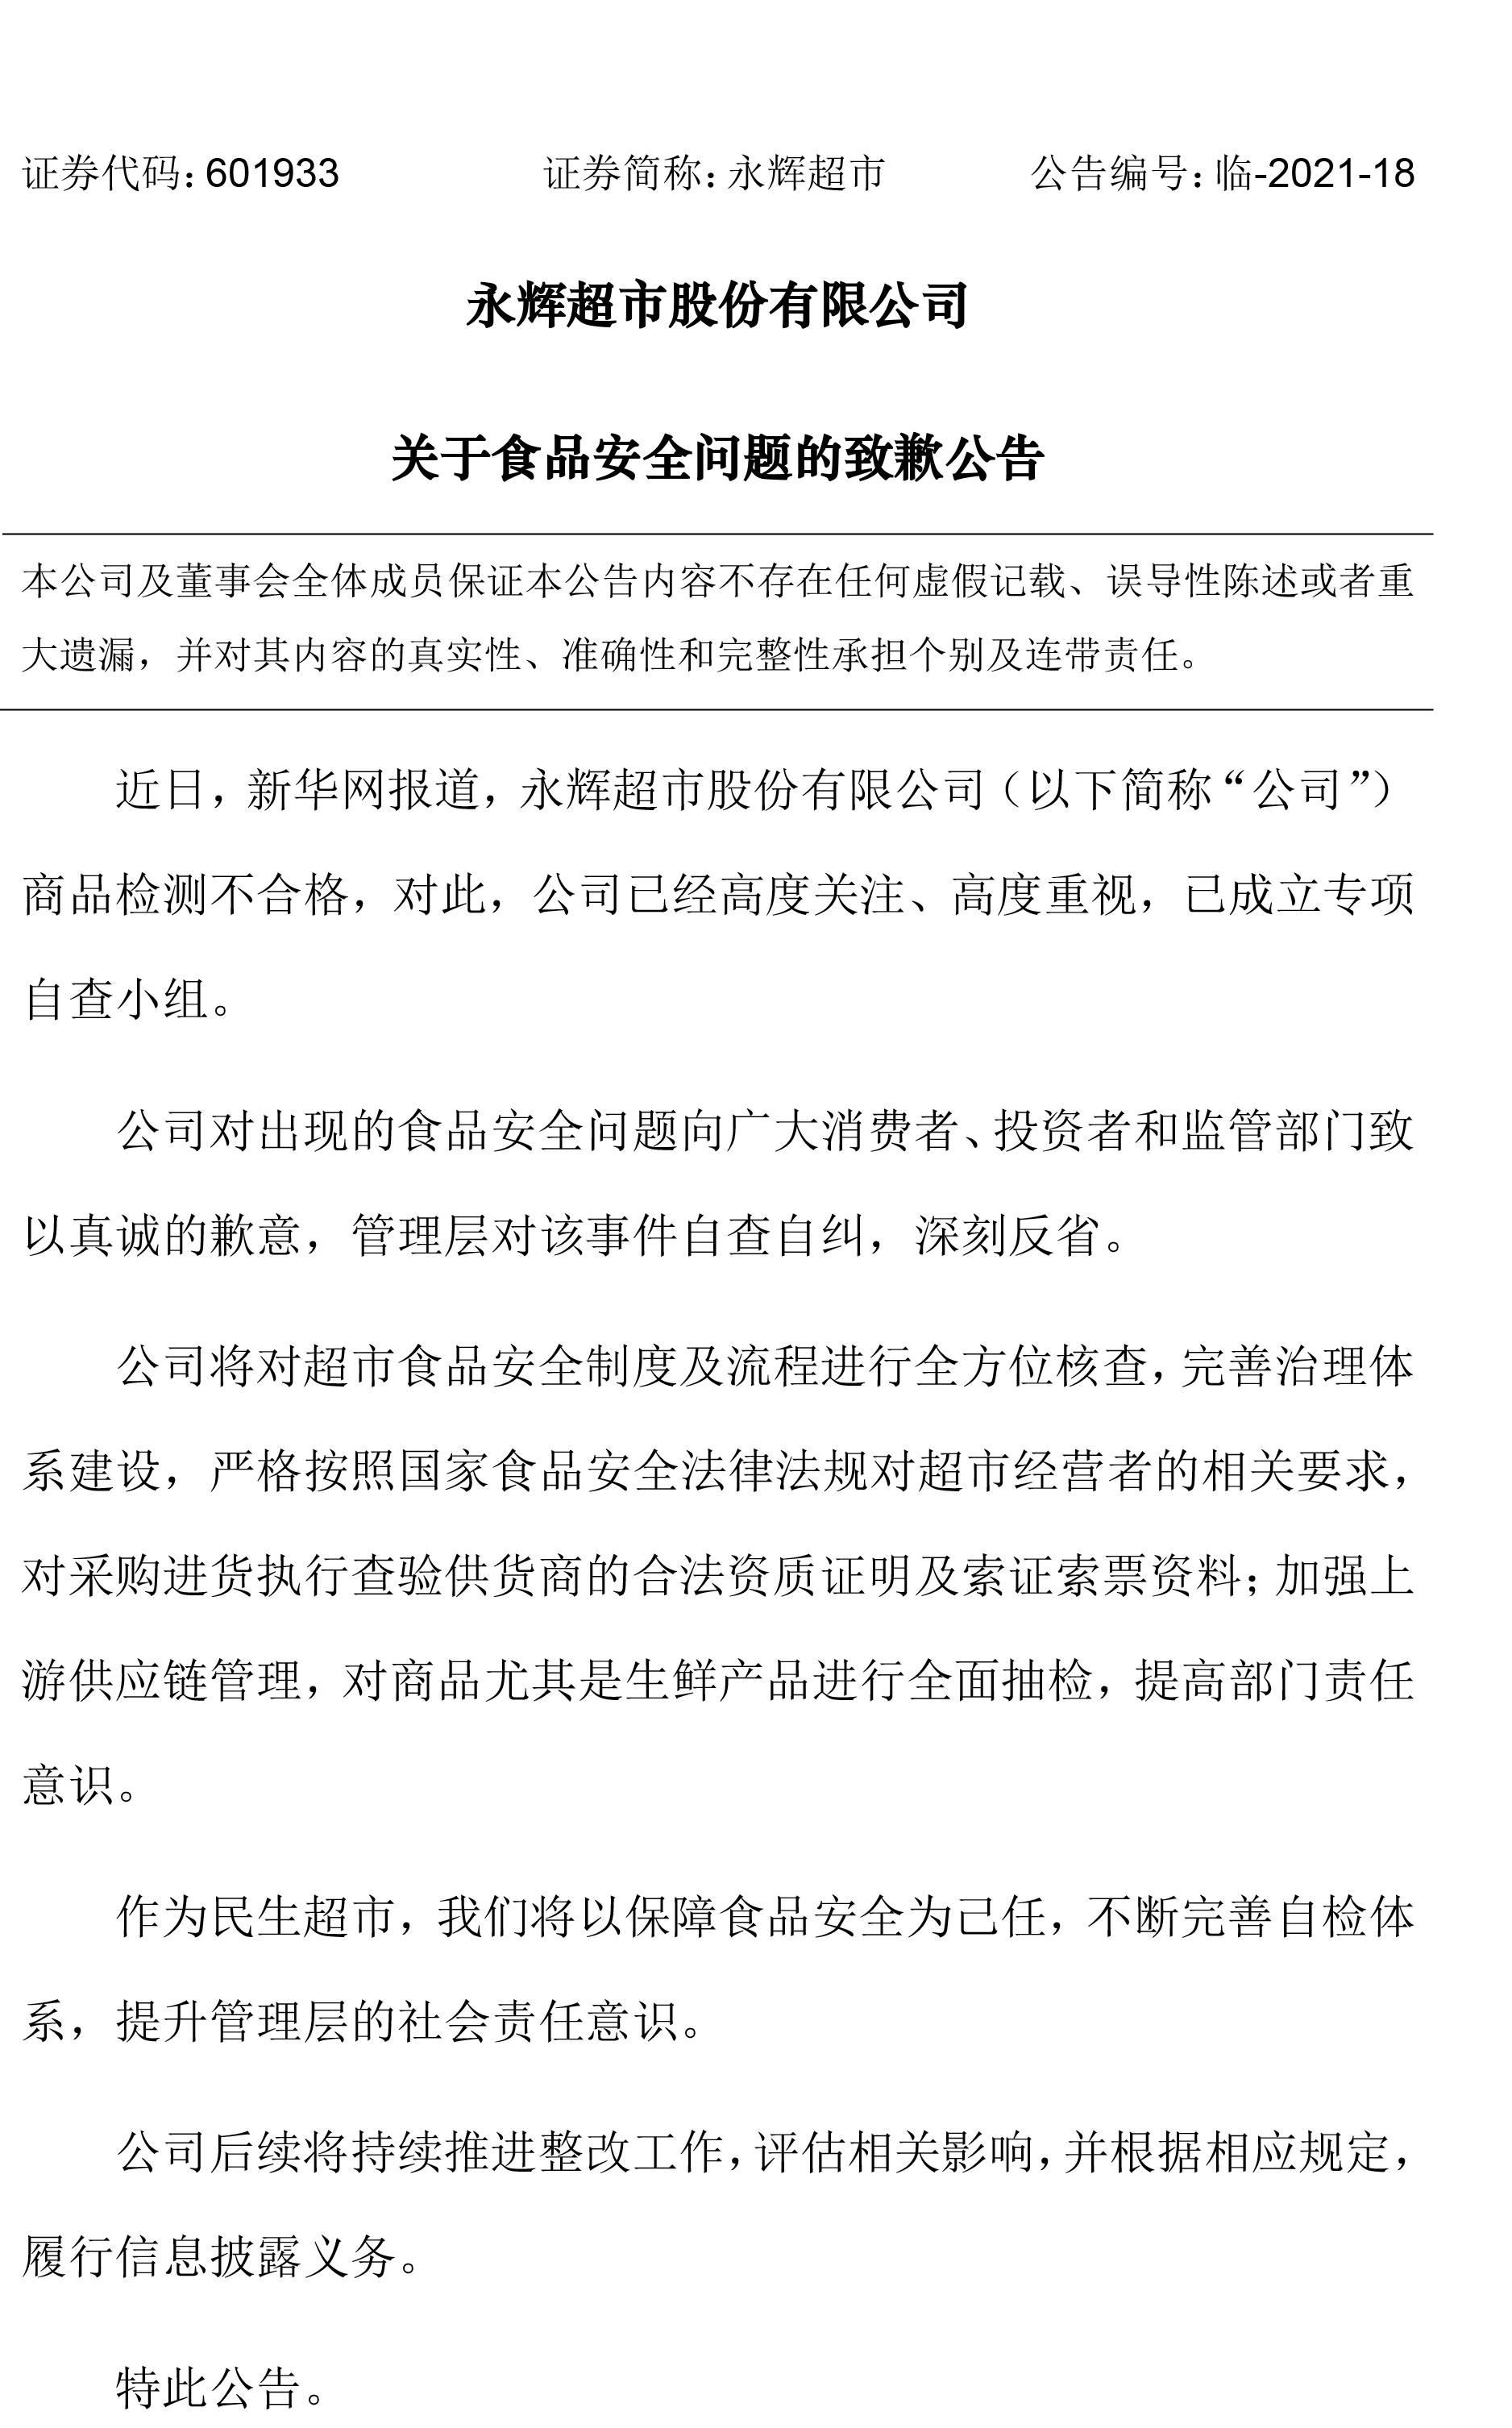 永辉超市发致歉公告:将全方位核查超市食品安全制度及流程